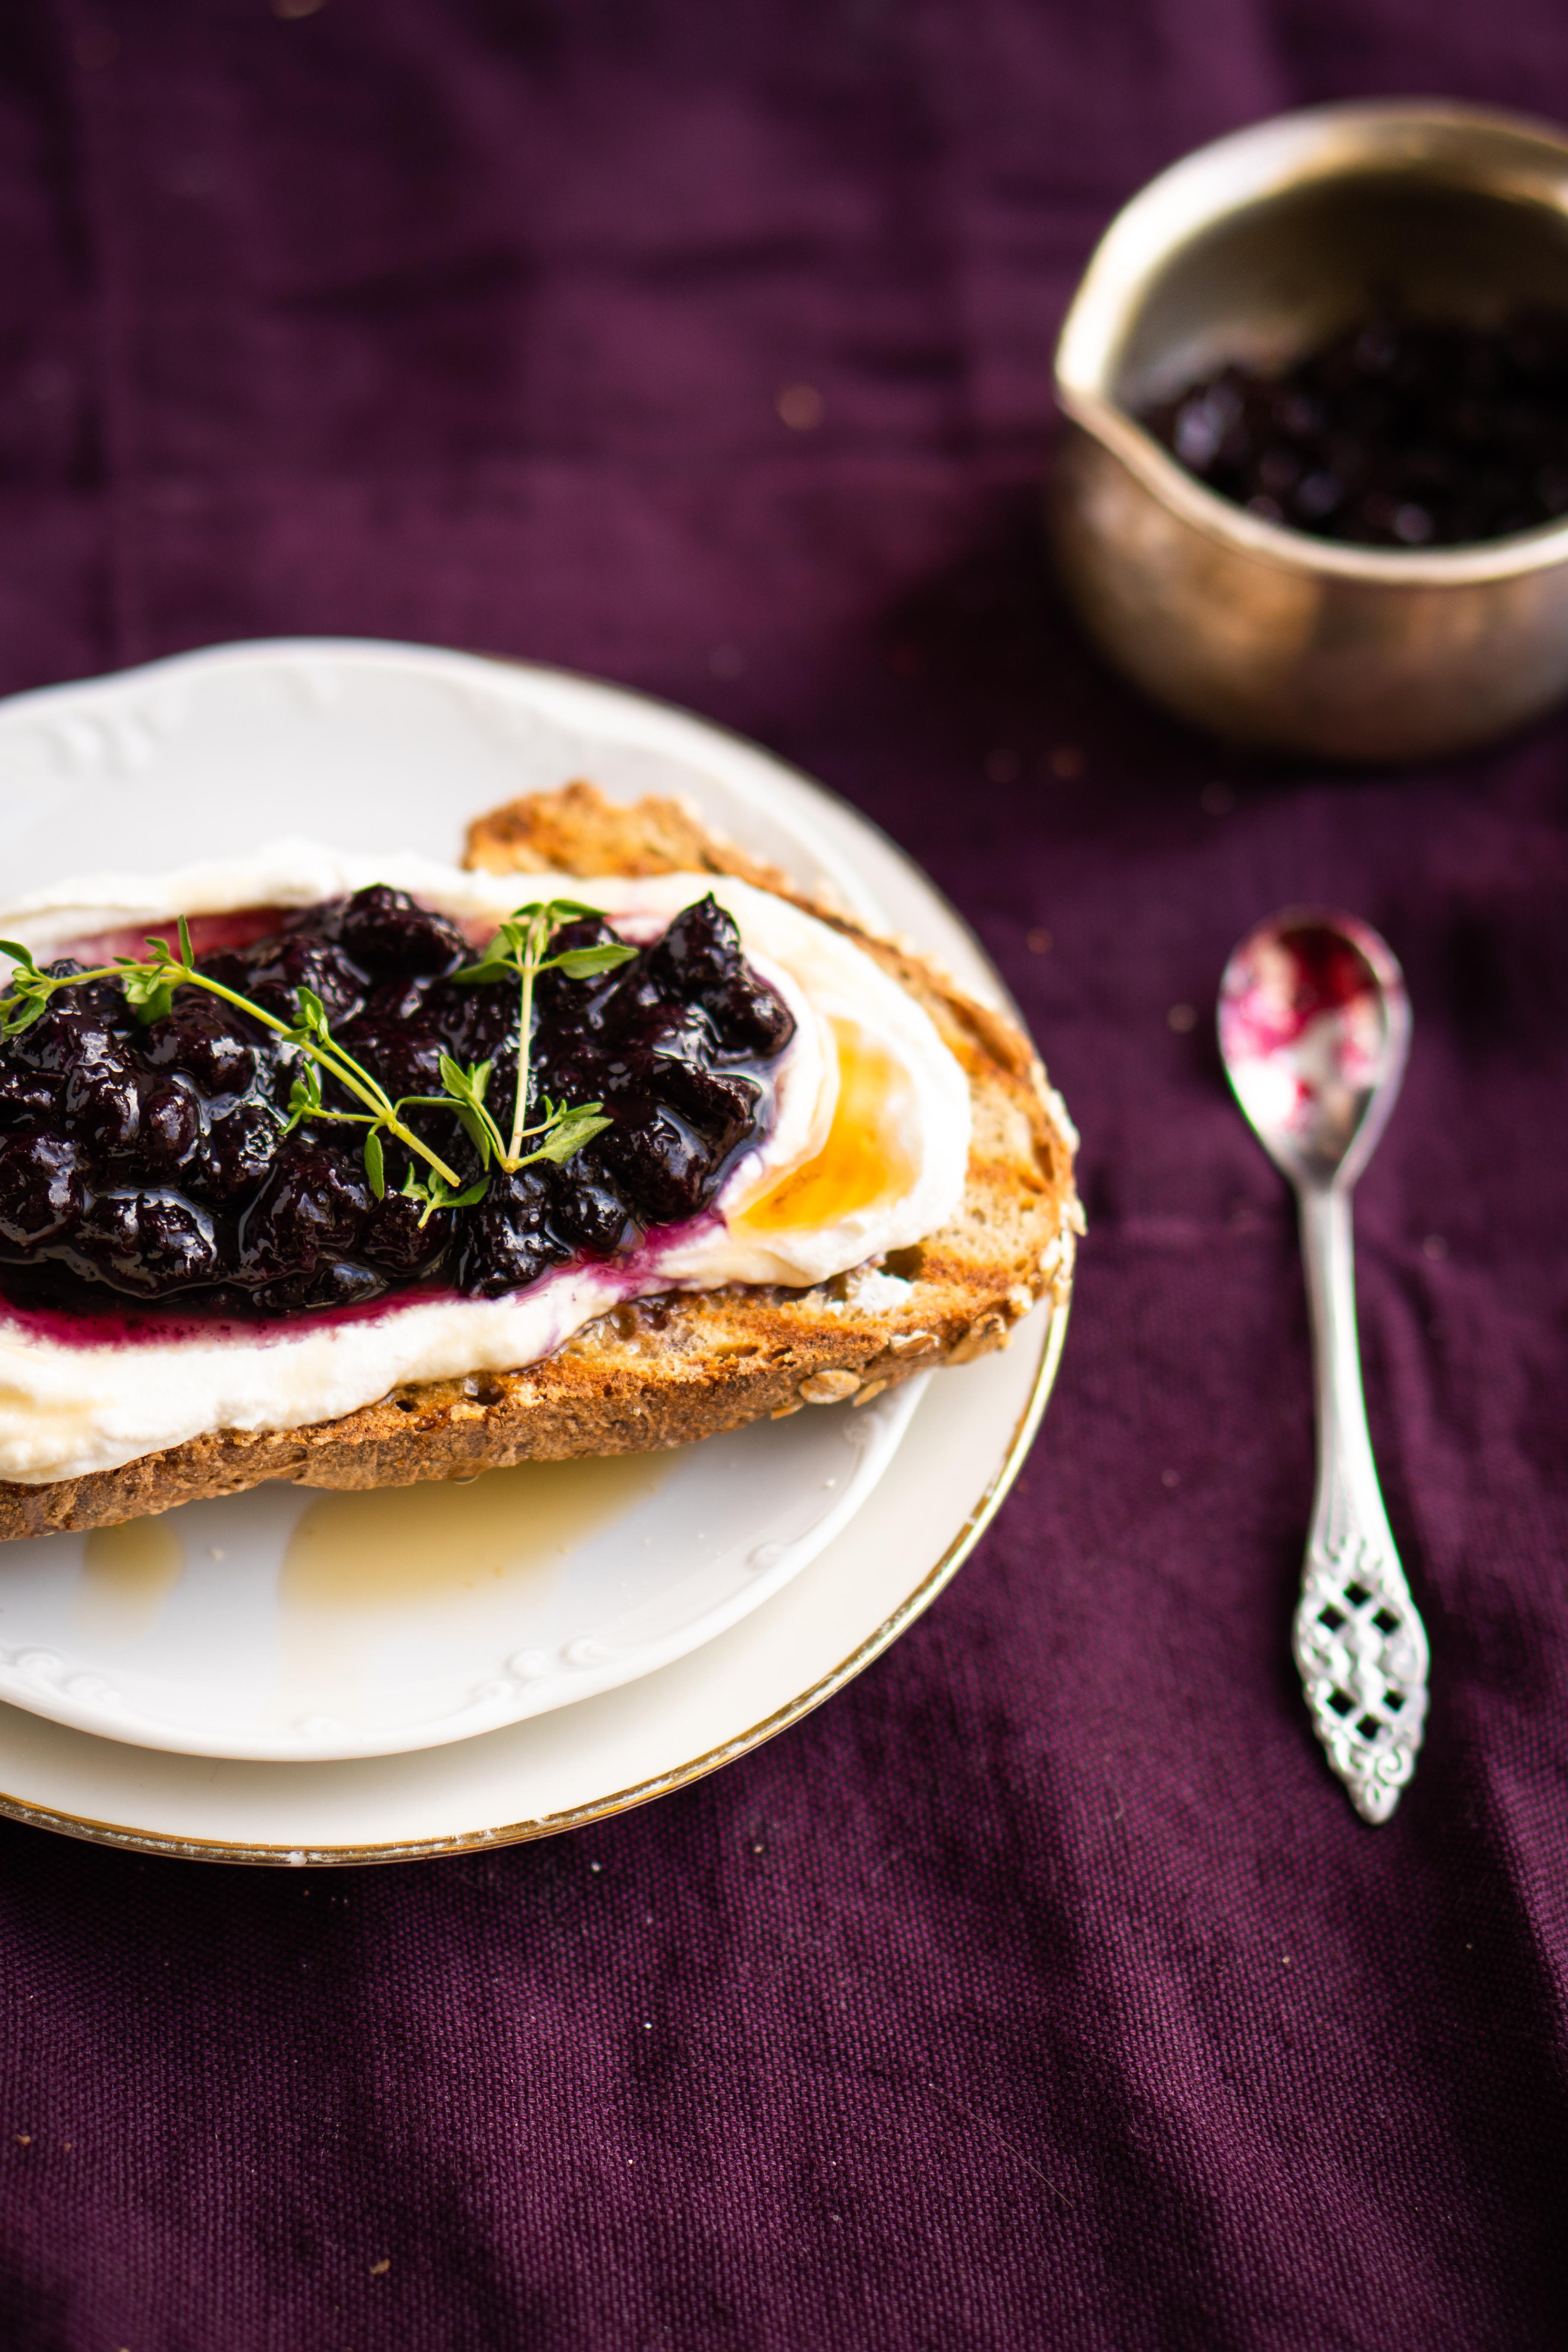 ontbijttoast met ricotta, bosbes en ahornsiroop